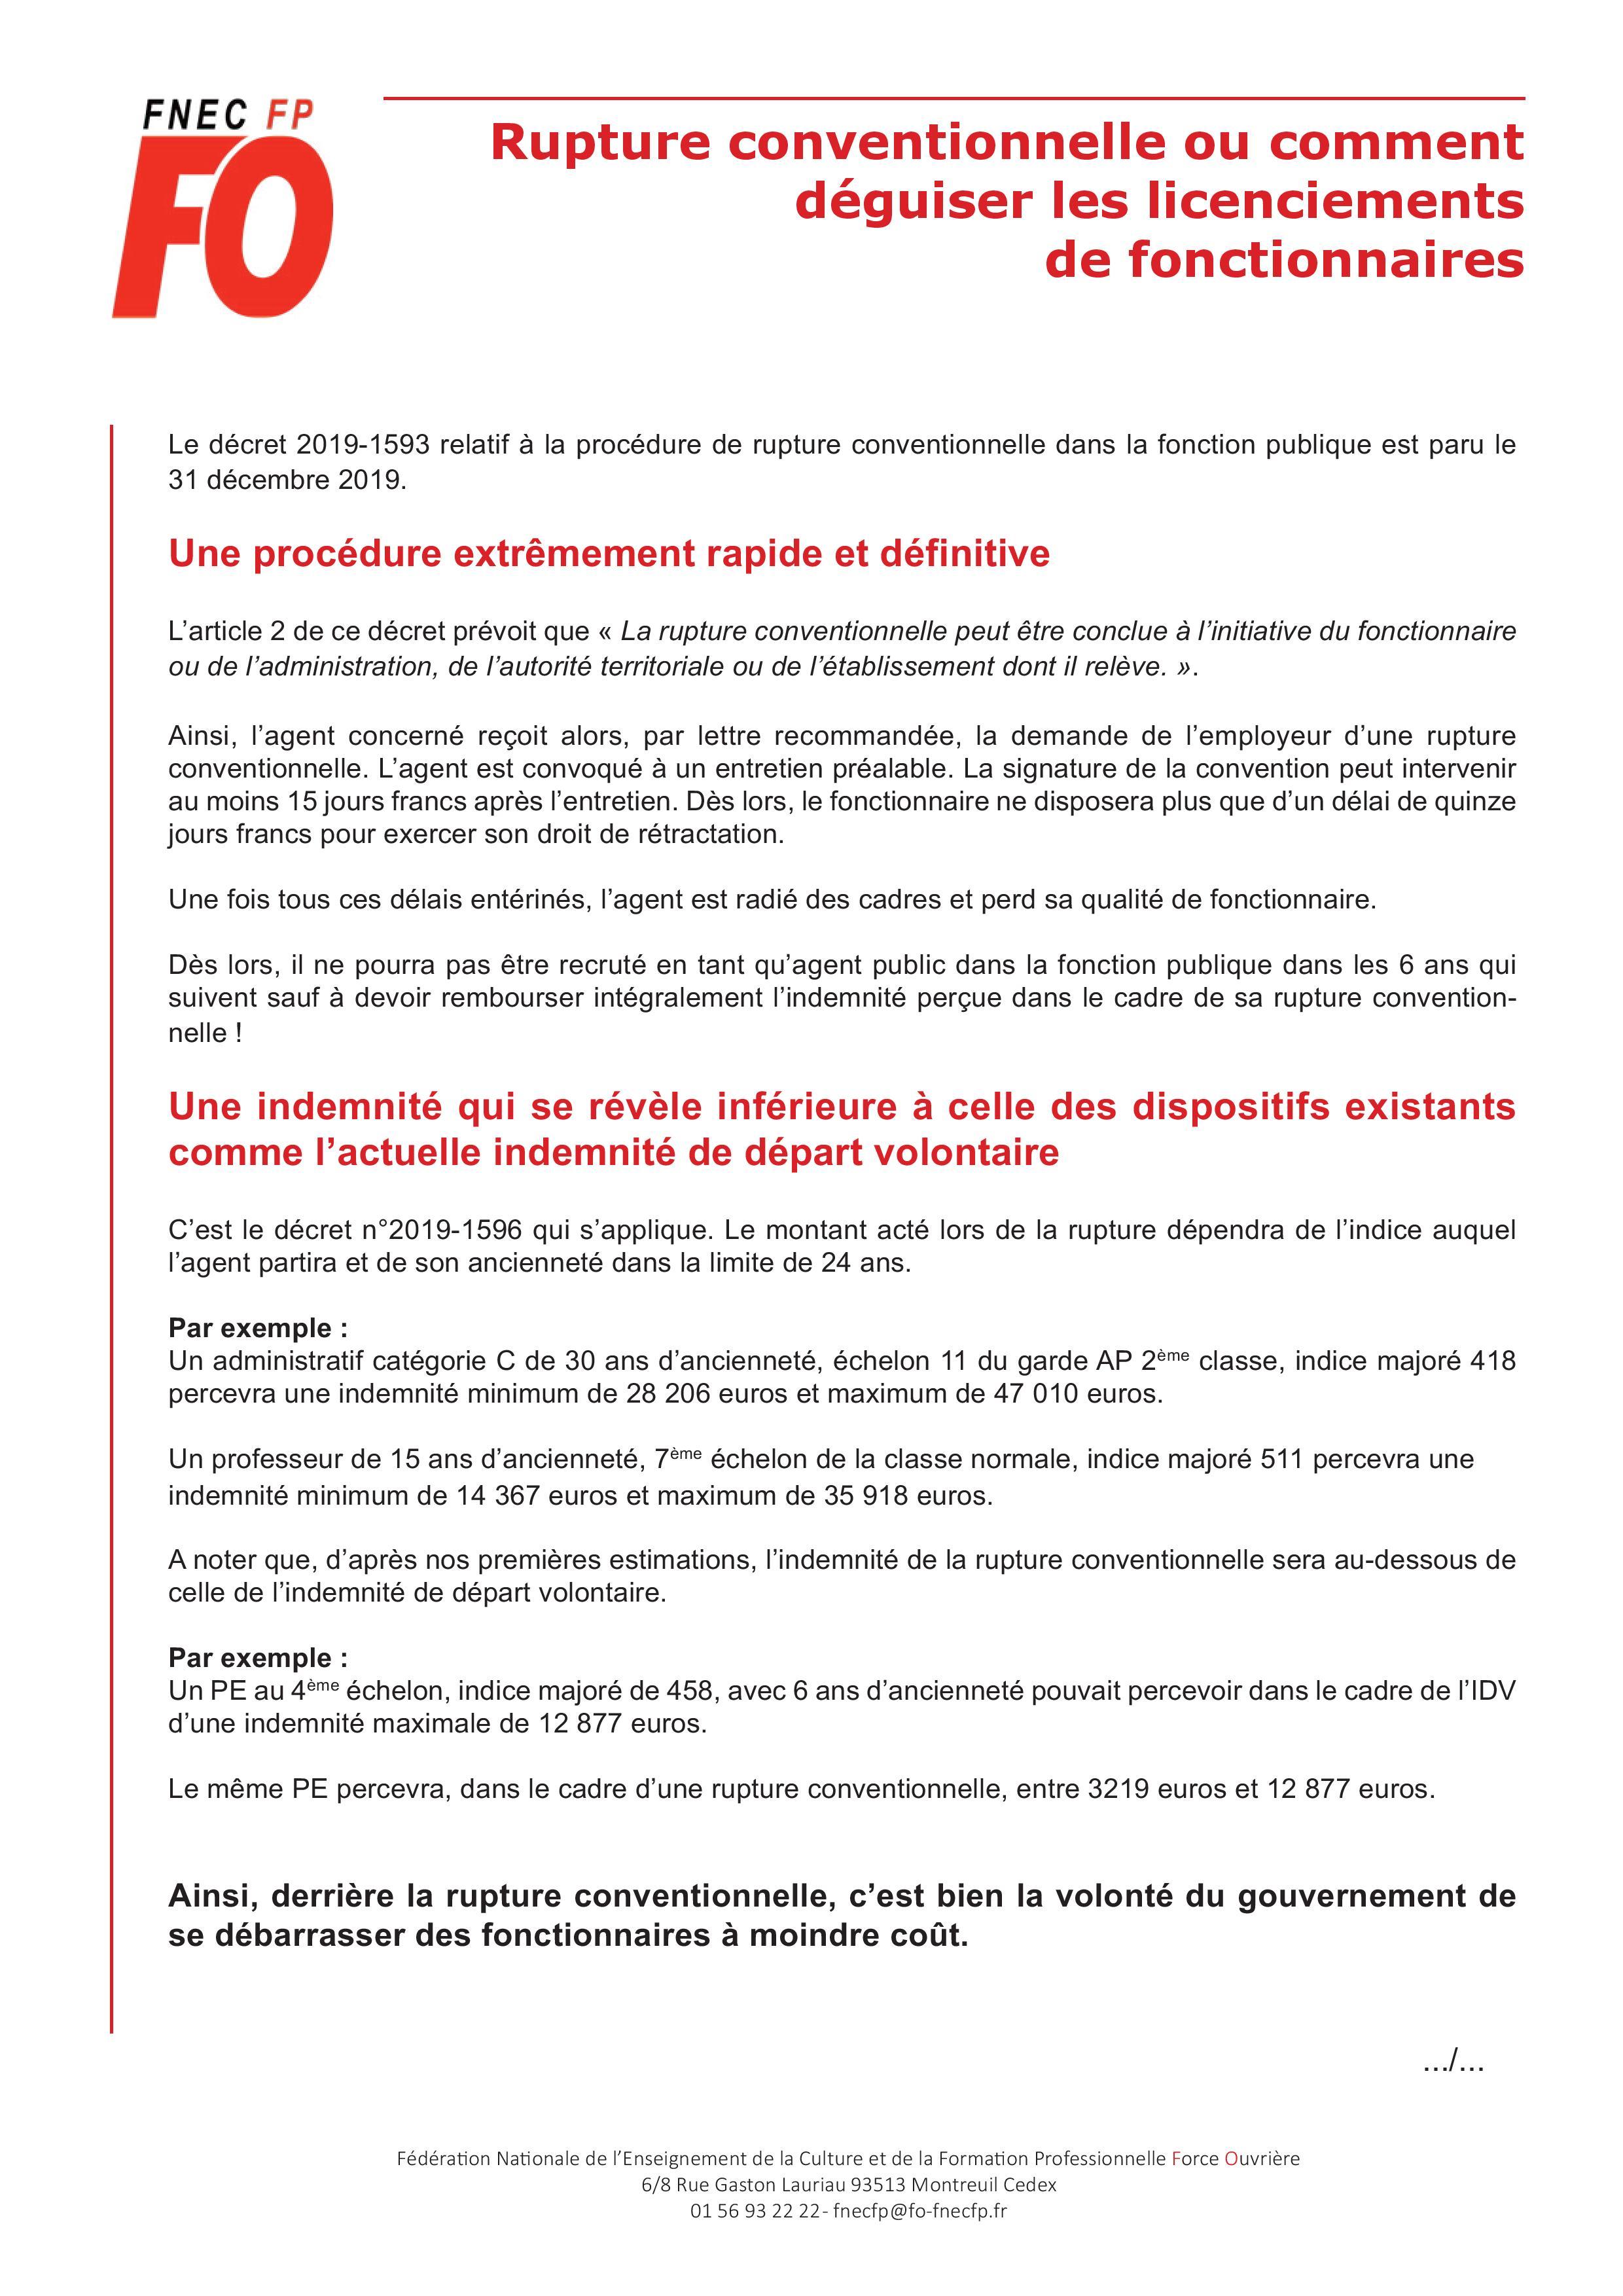 Rupture Conventionnelle Ou Comment Deguiser Les Licenciements De Fonctionnaires Snudi Fo 33